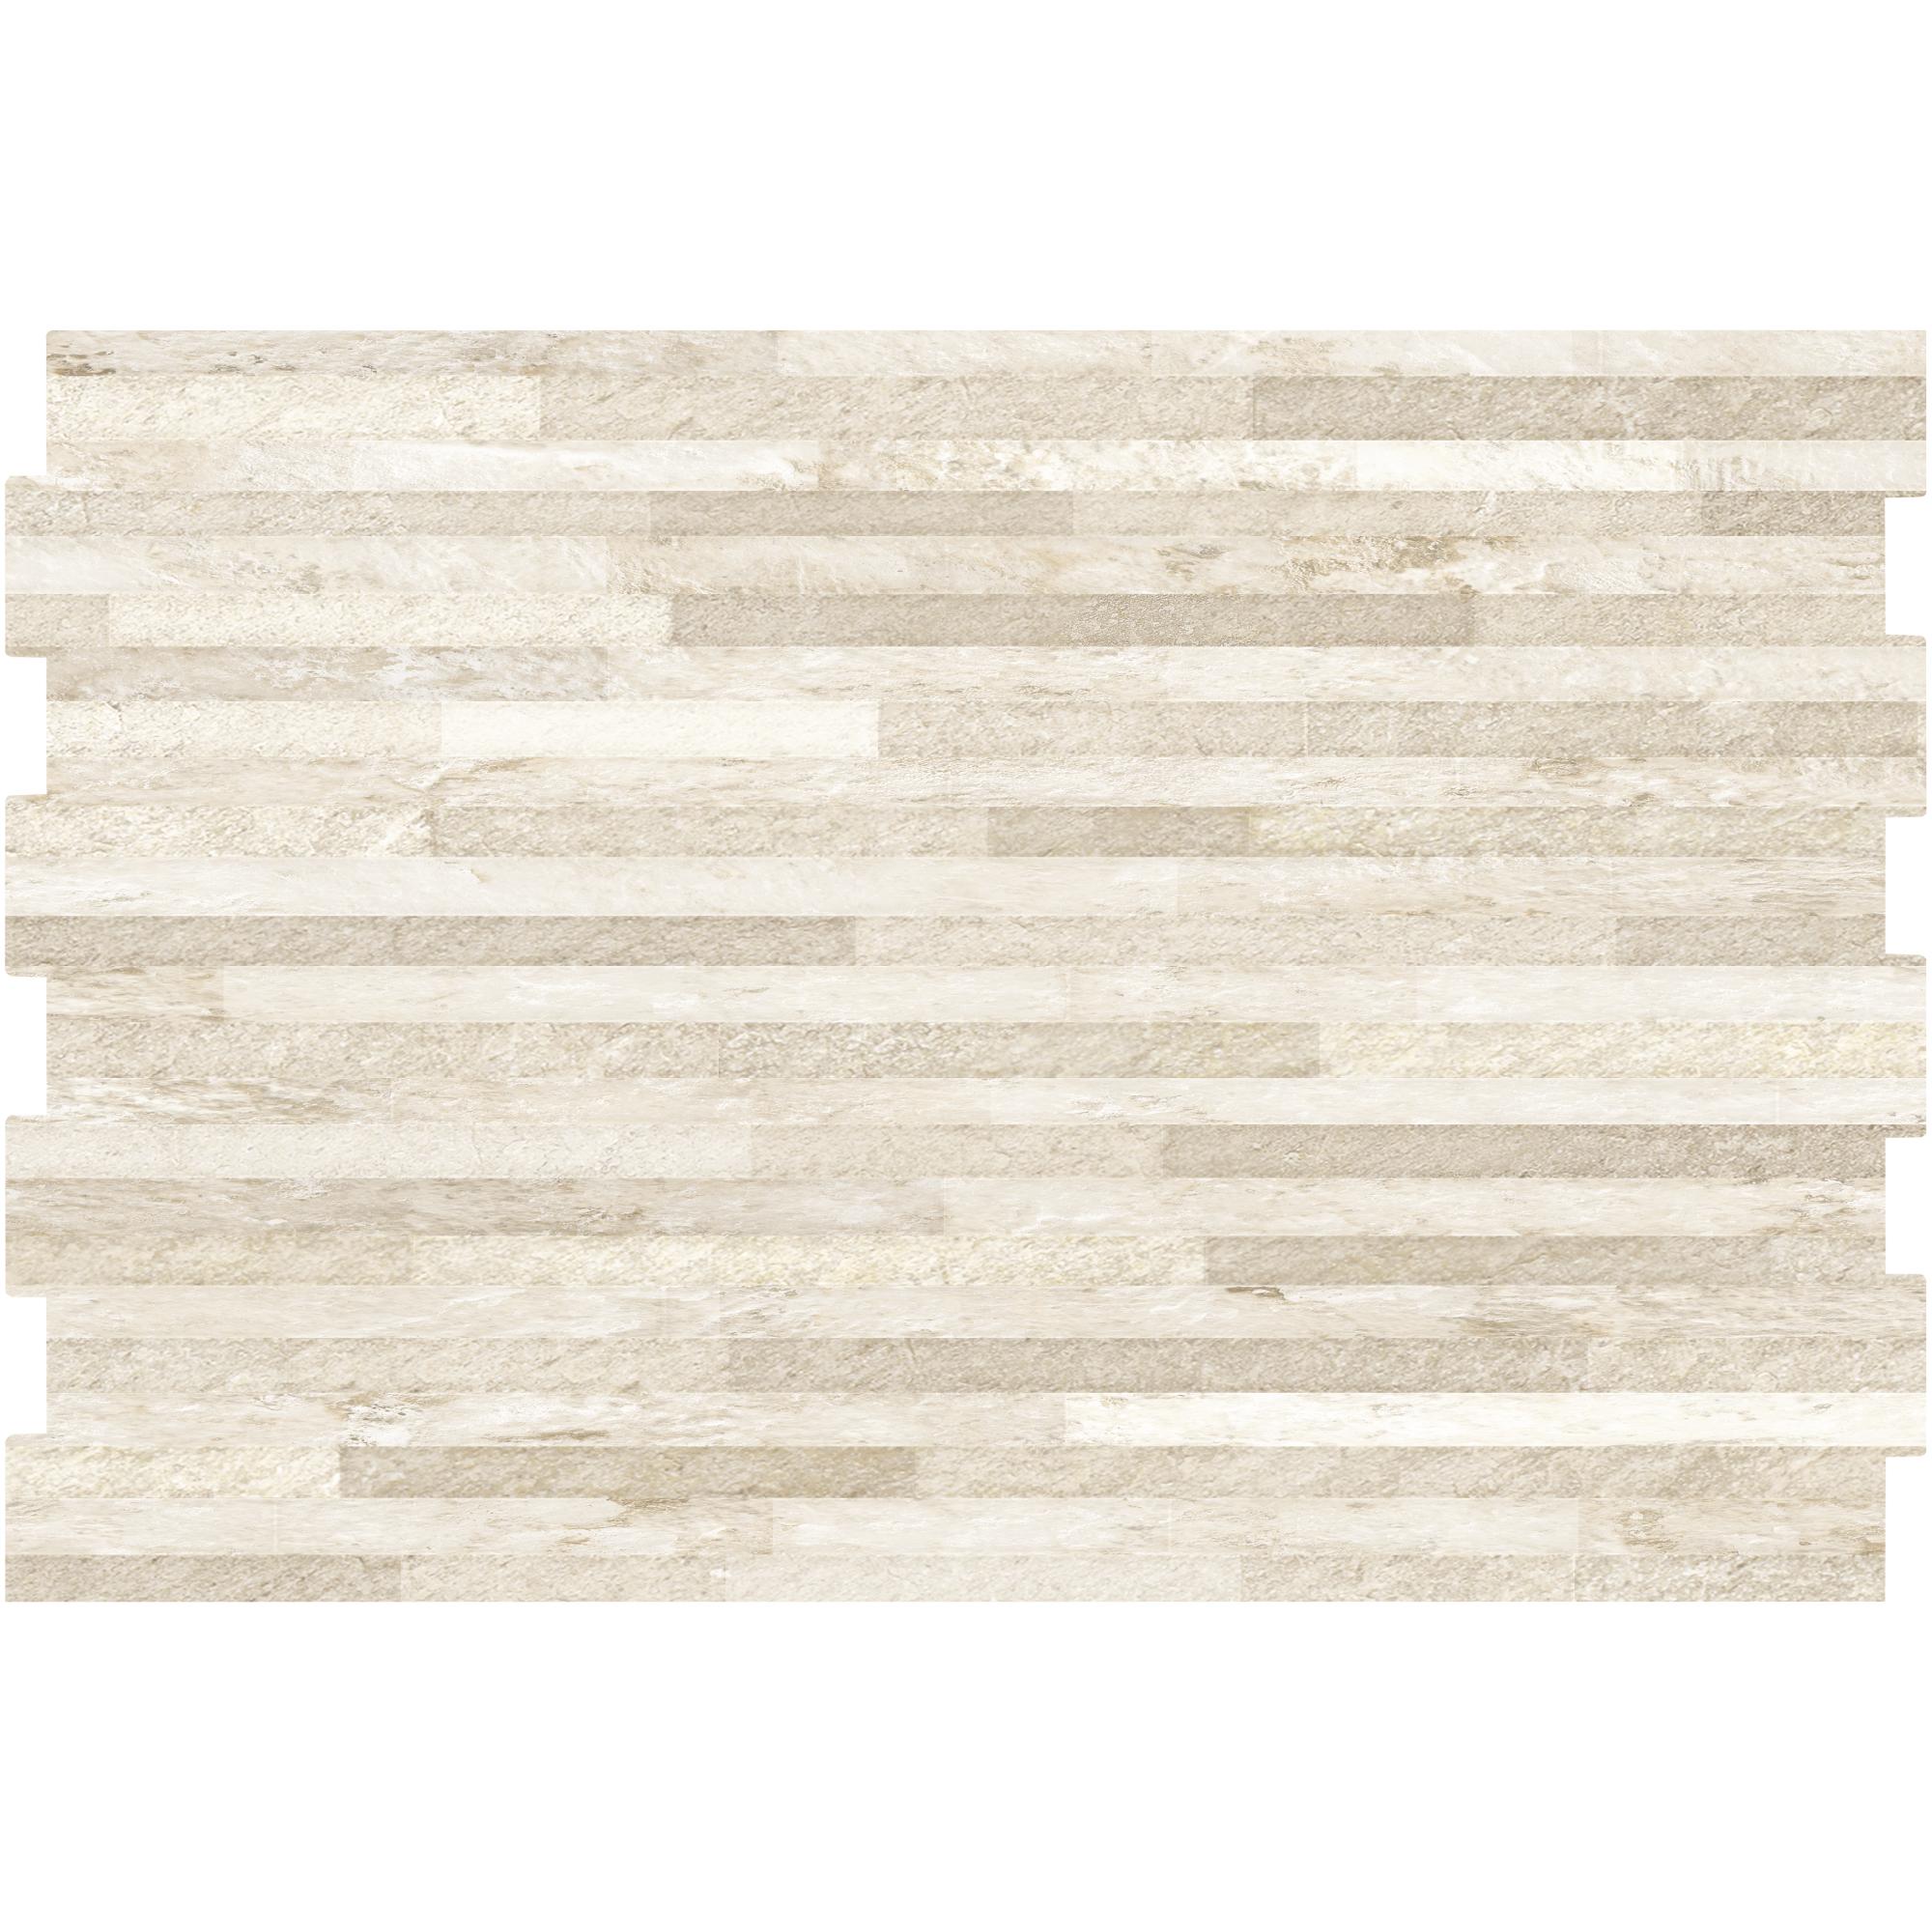 Revestimento Dinamarca claro Esmaltado HD Tipo A 34x50cm 238m Marrom Claro - Pamesa